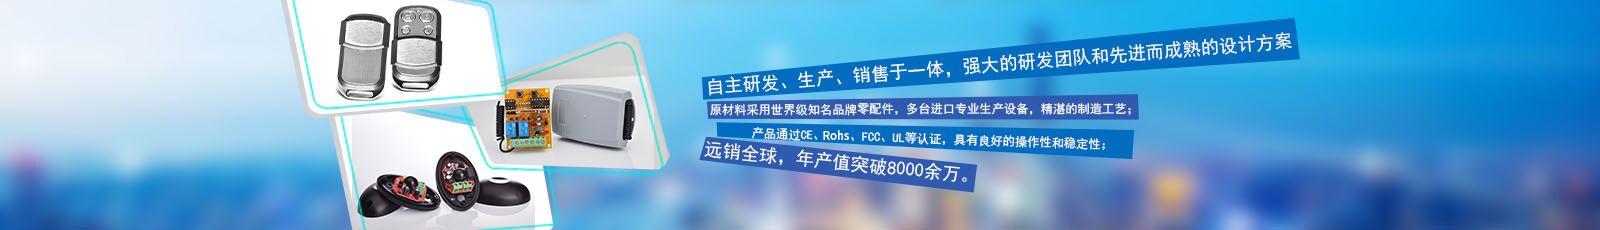 大发体yu在线24xiaoshi专jia服务re线为您提供专业的ji术服务支持